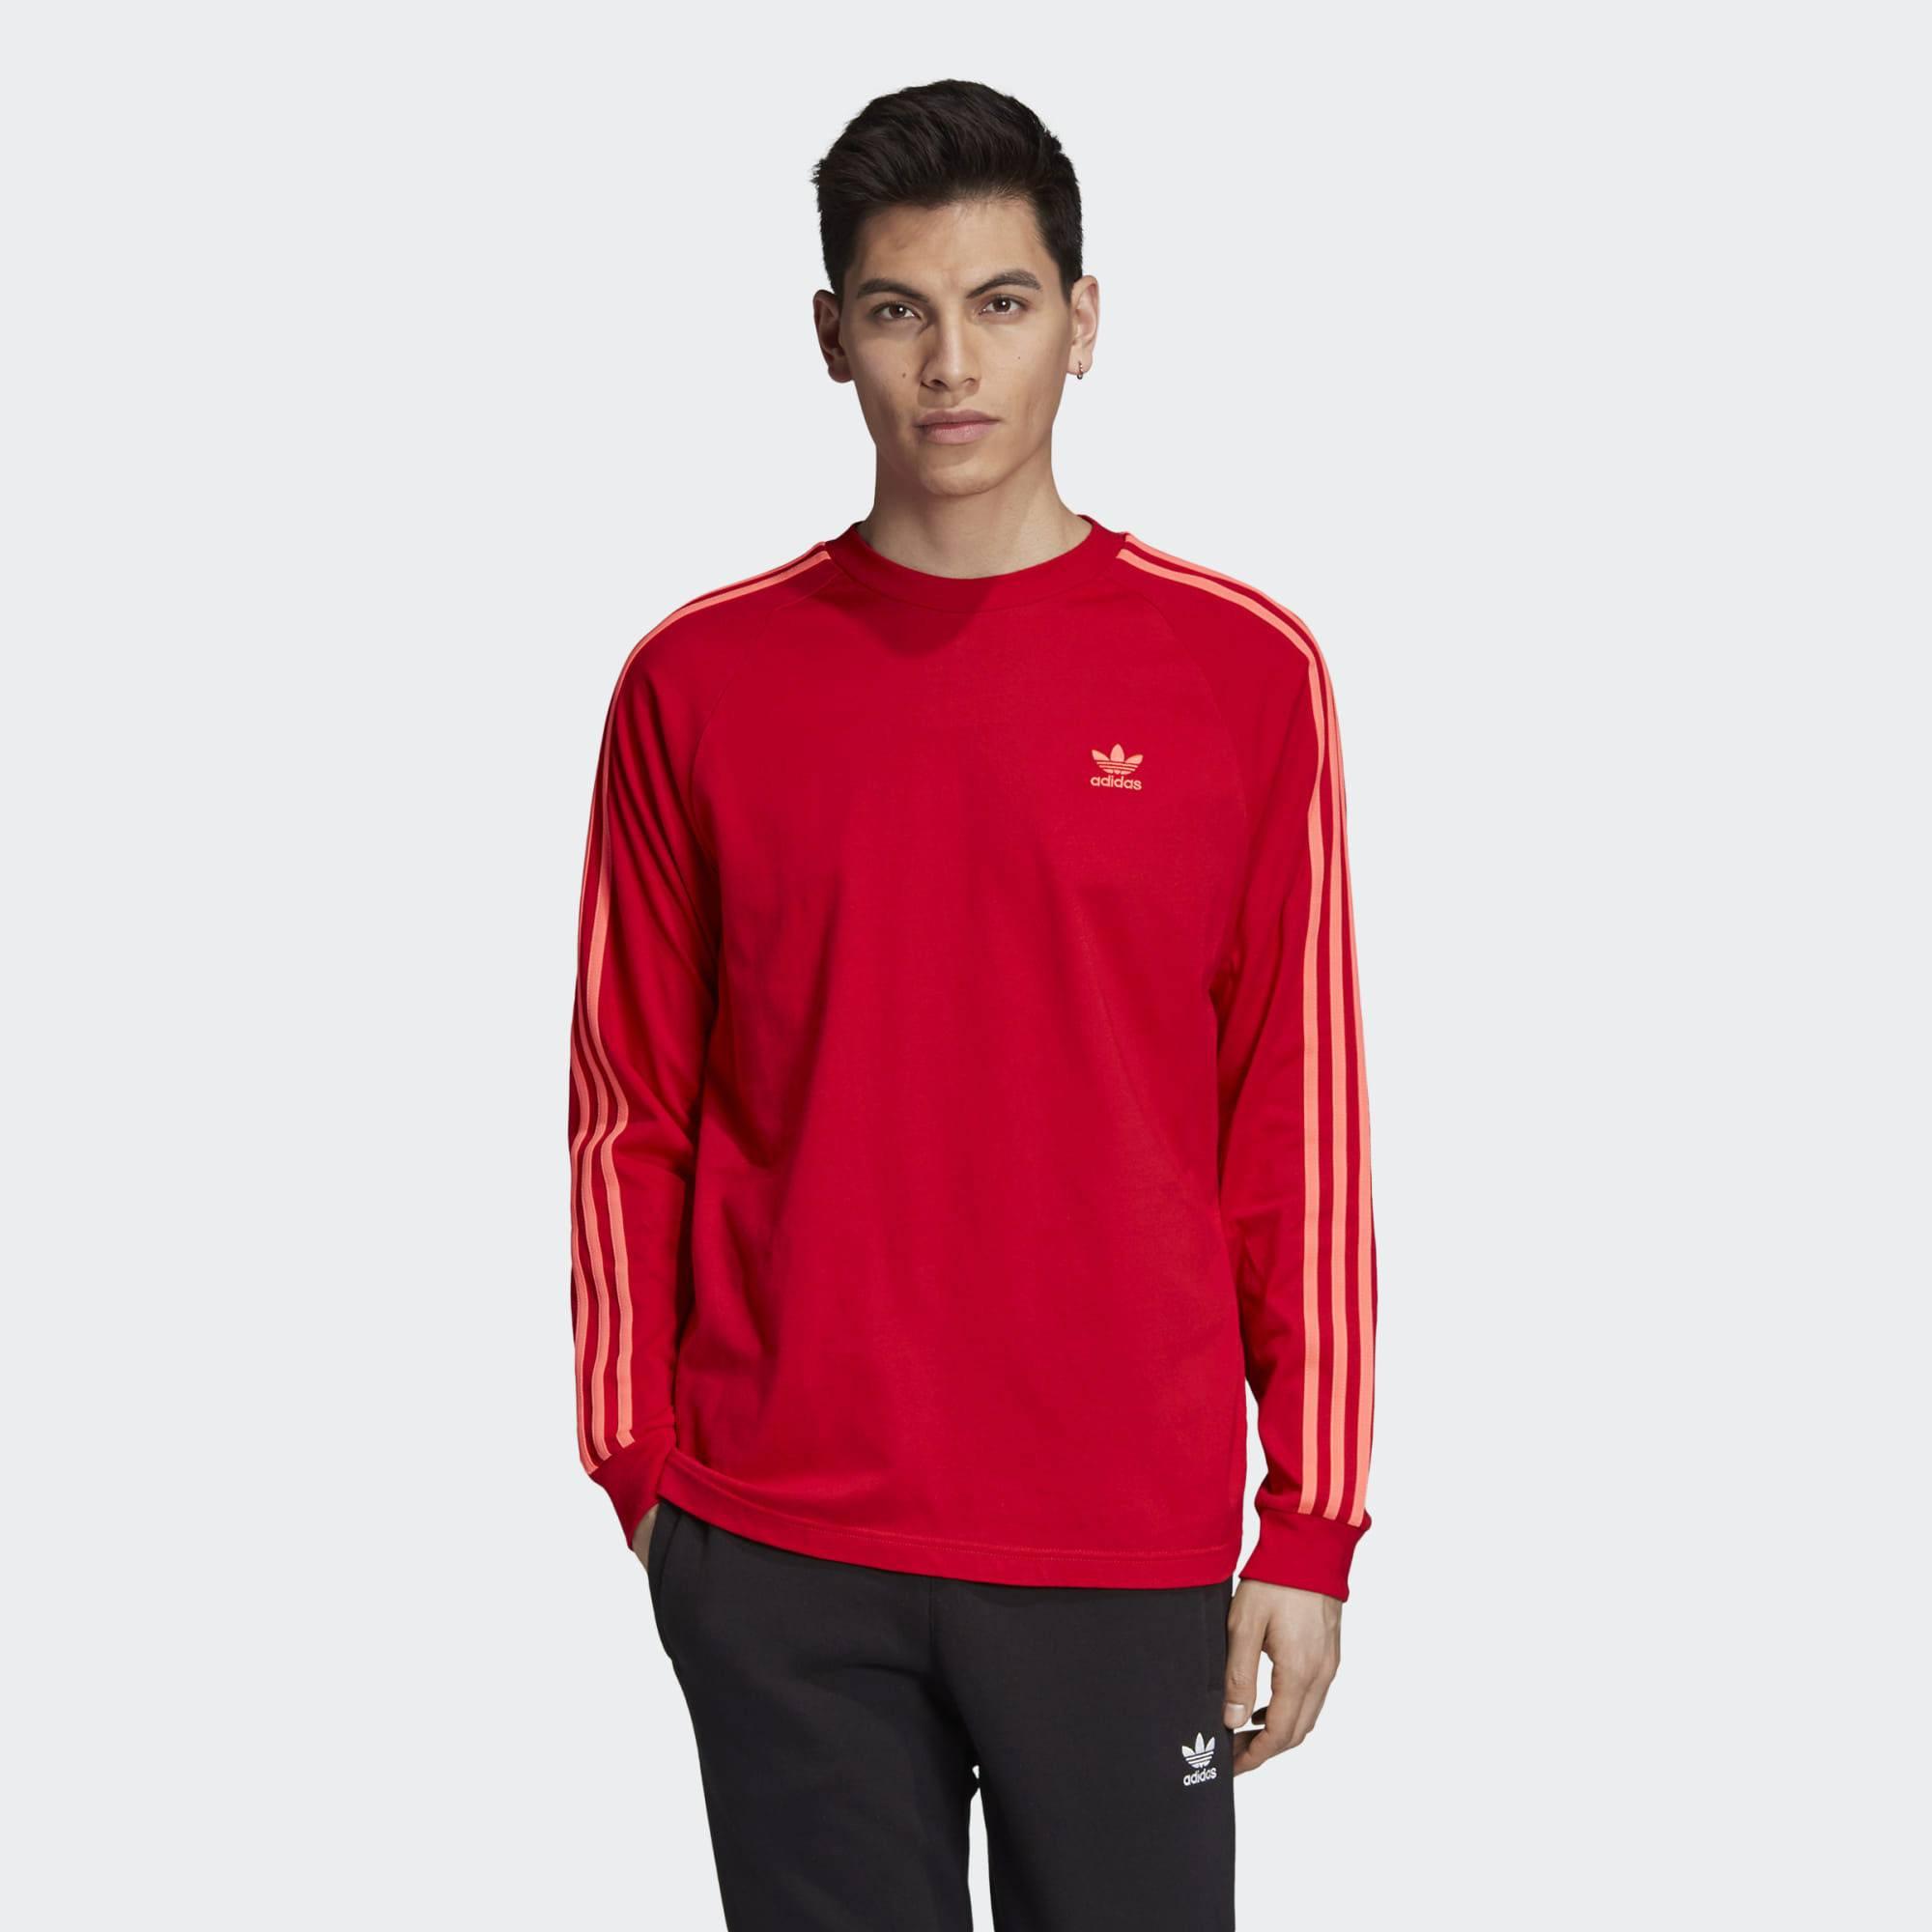 adidas Originals BLC 3-S LS T (9000033491_10260)